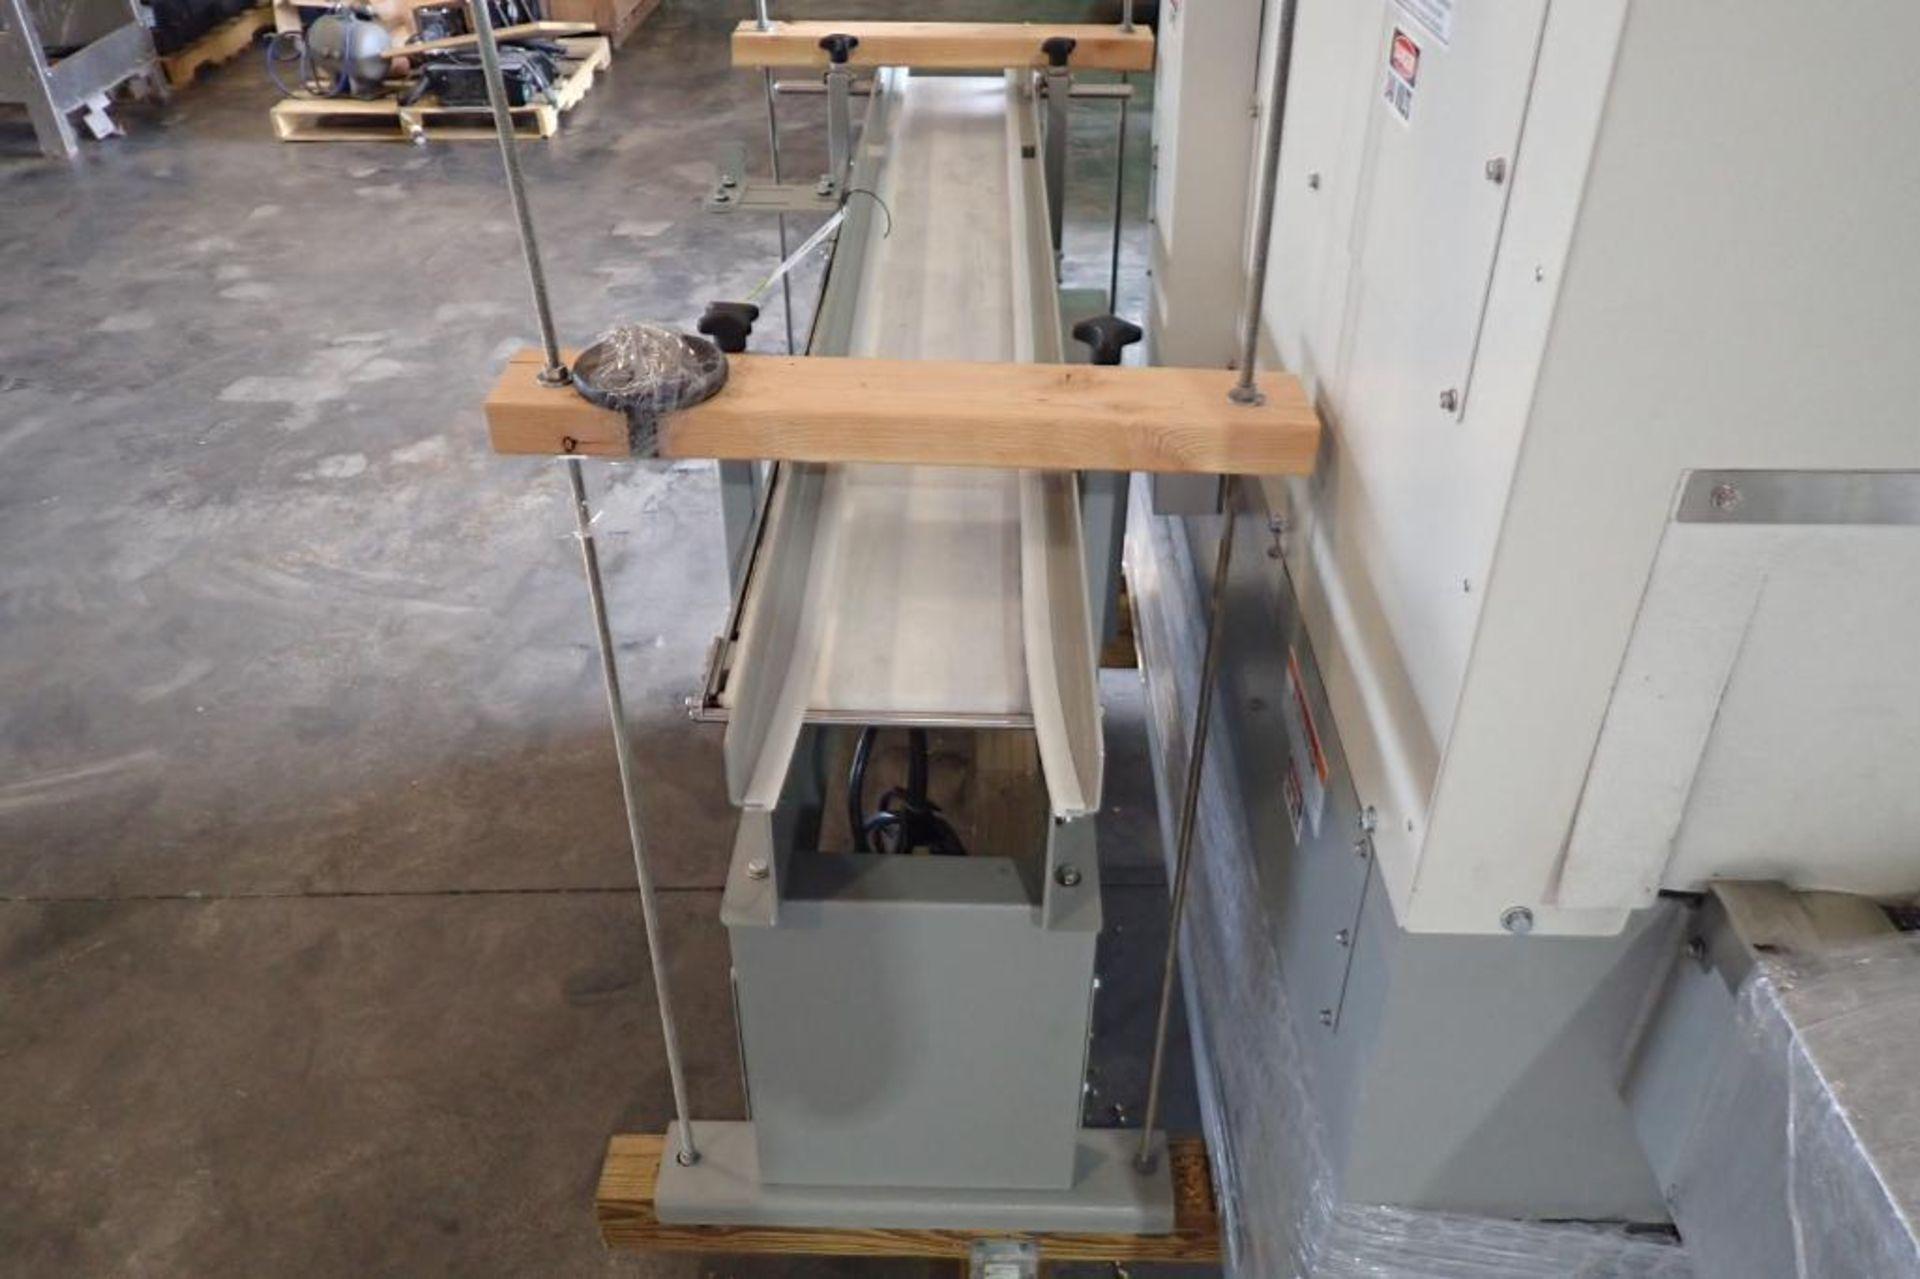 Lot 37 - Stork Texwrap transfer conveyor, Model STE-SA359, SN SA0218 , white vinyl belt, 60 in. long x 7.5